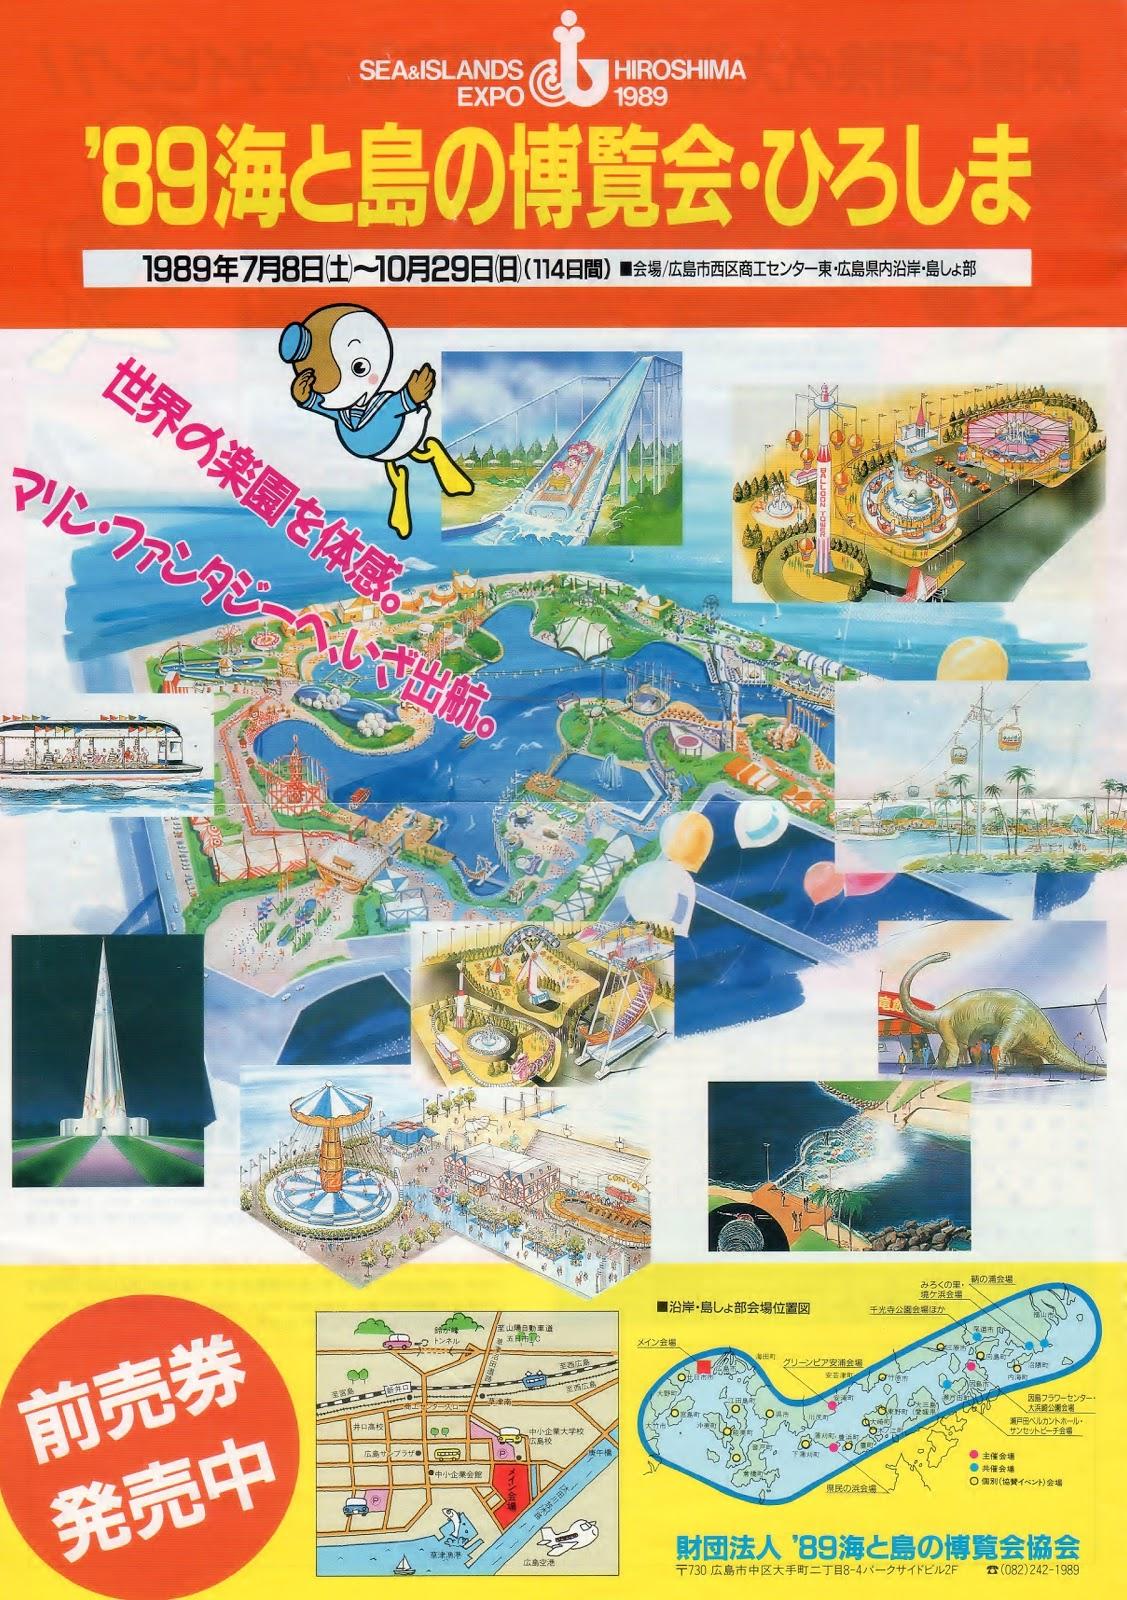 つばめ・ミュージアム: 海と島の博覧会の残したもの・・・ プロローグ ...  海と島の博覧会の